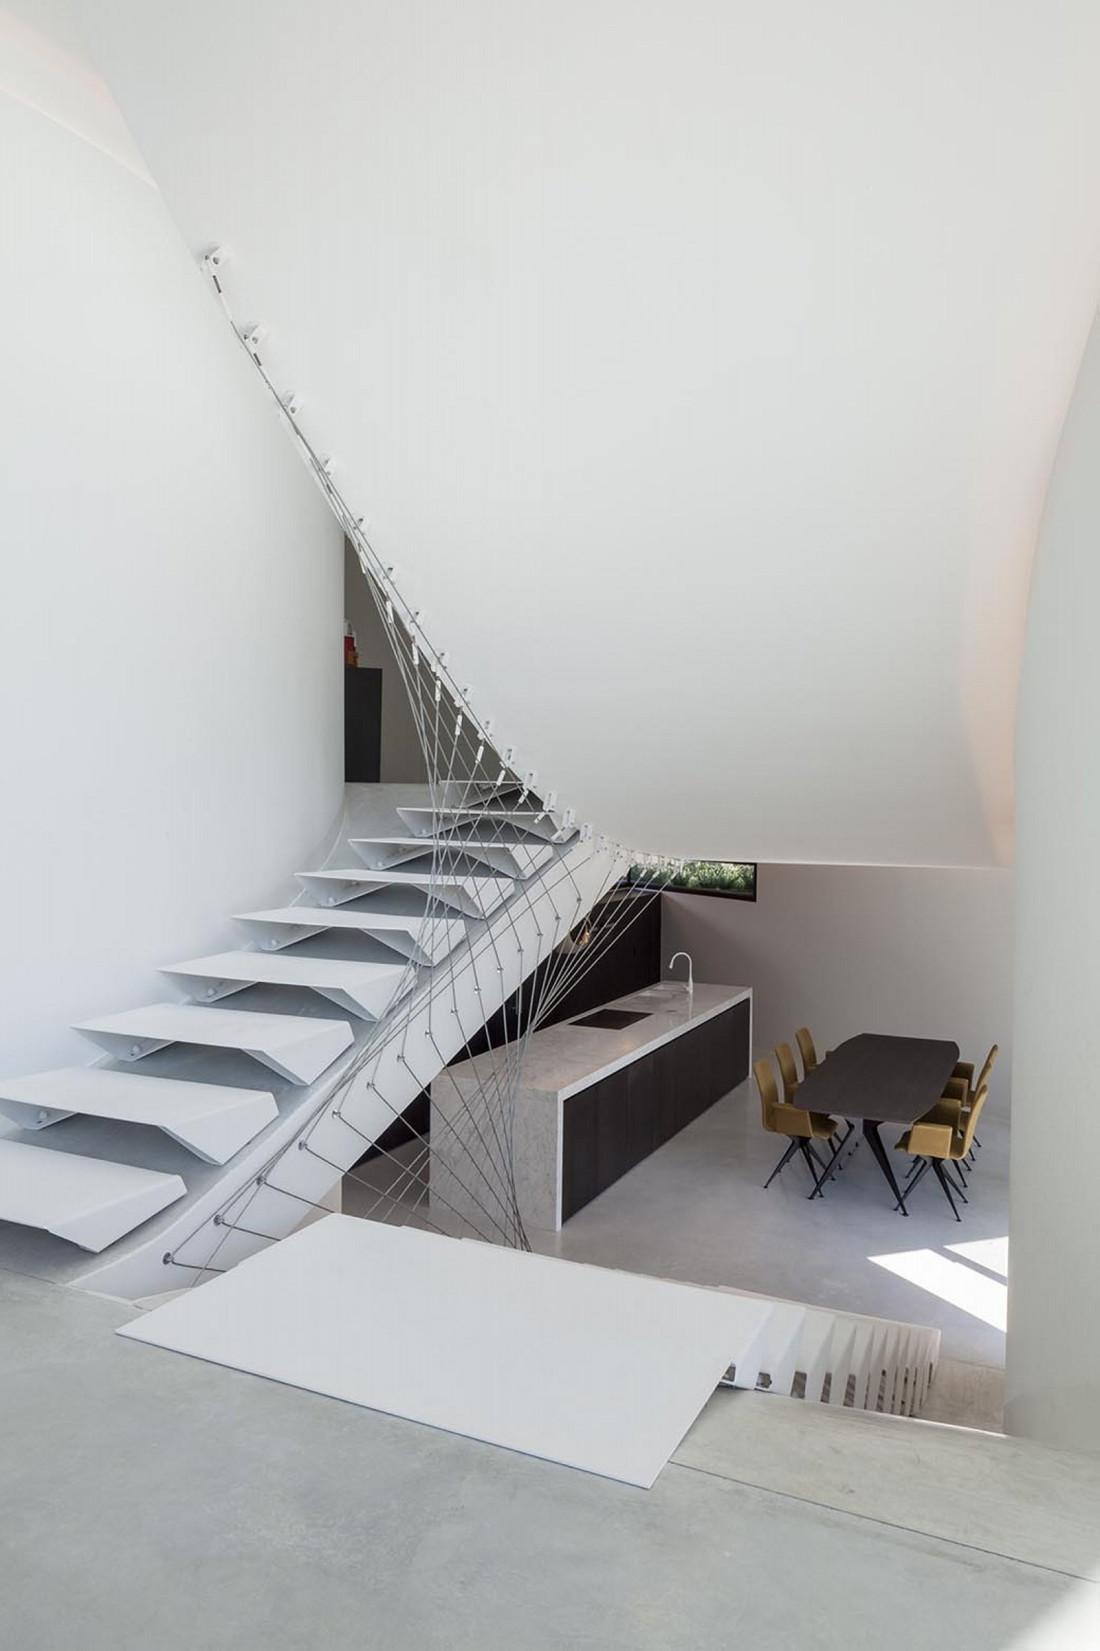 Футуристический дизайн виллы MQ в Бельгии от архитектурной студии Office O 14